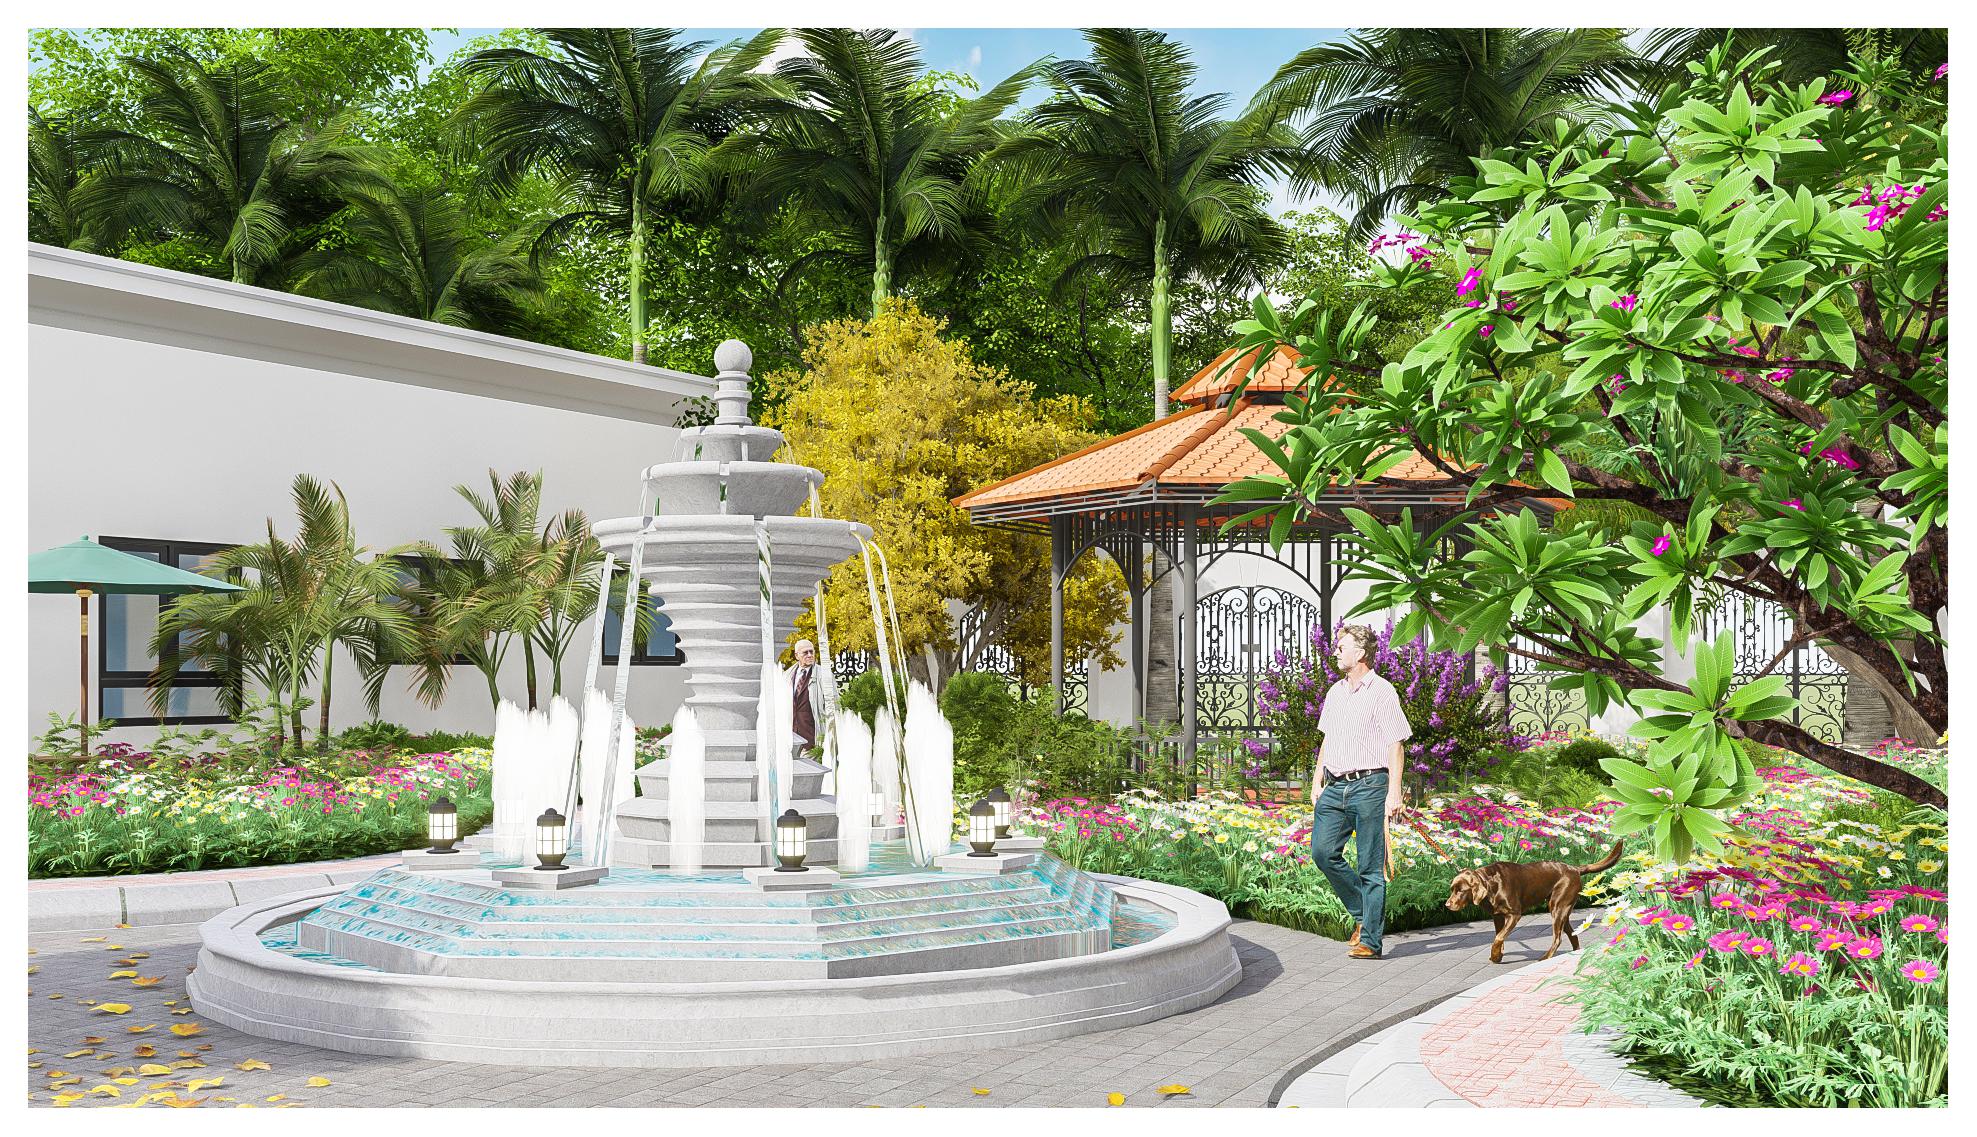 thiết kế Resort Khu Nhà Ở Dòng Họ32